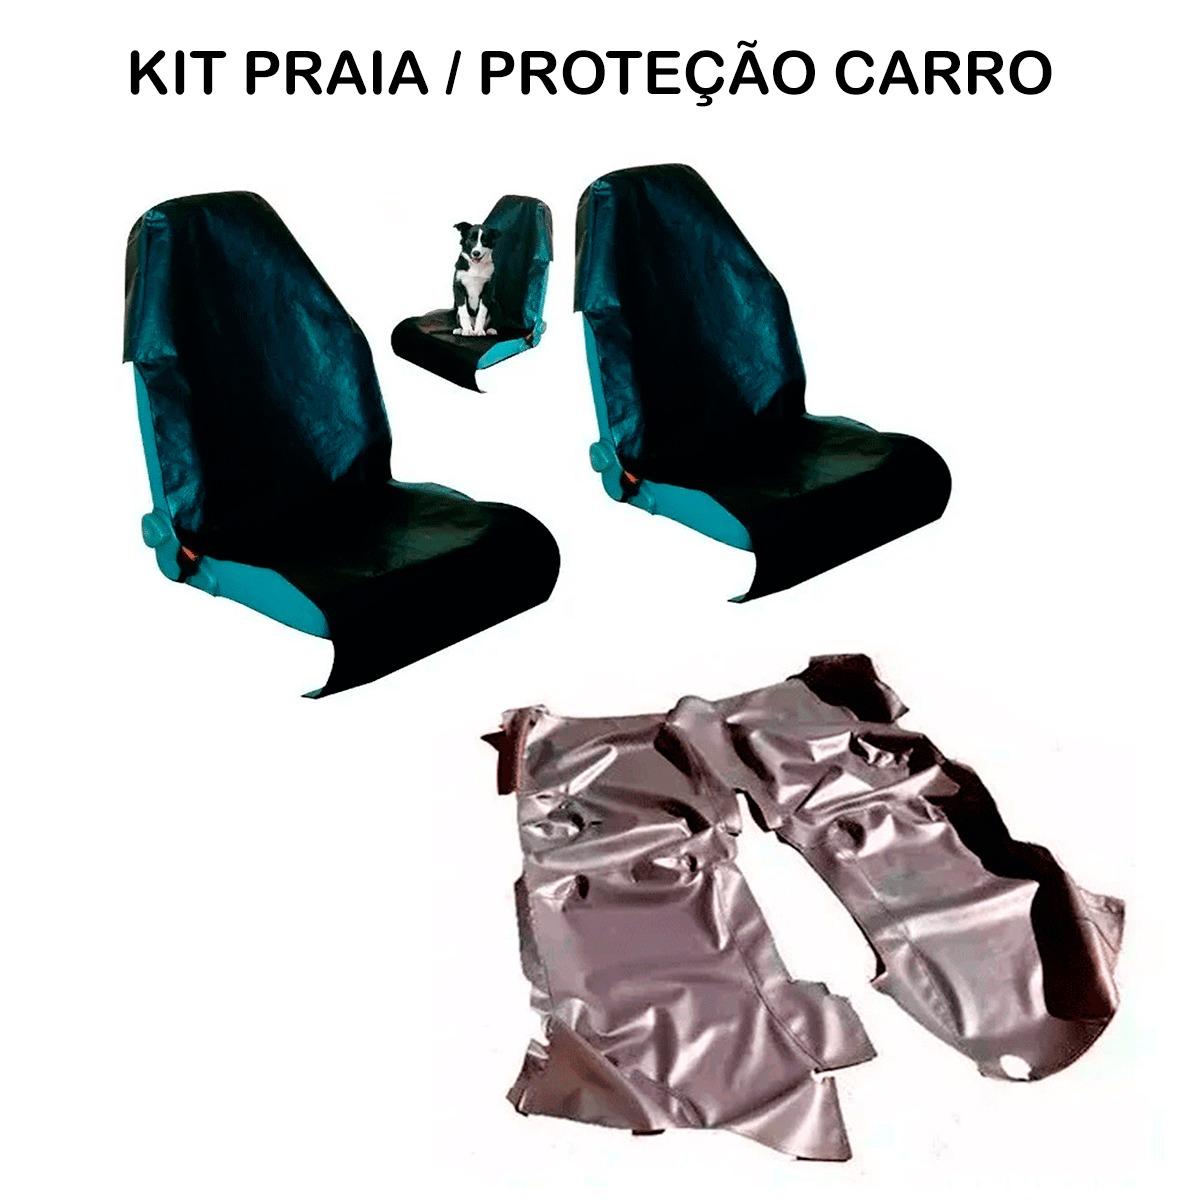 Tapete Em Vinil Fiat Fiorino até 1998 + Capa Banco Protecao Banco Areia Suor Academia